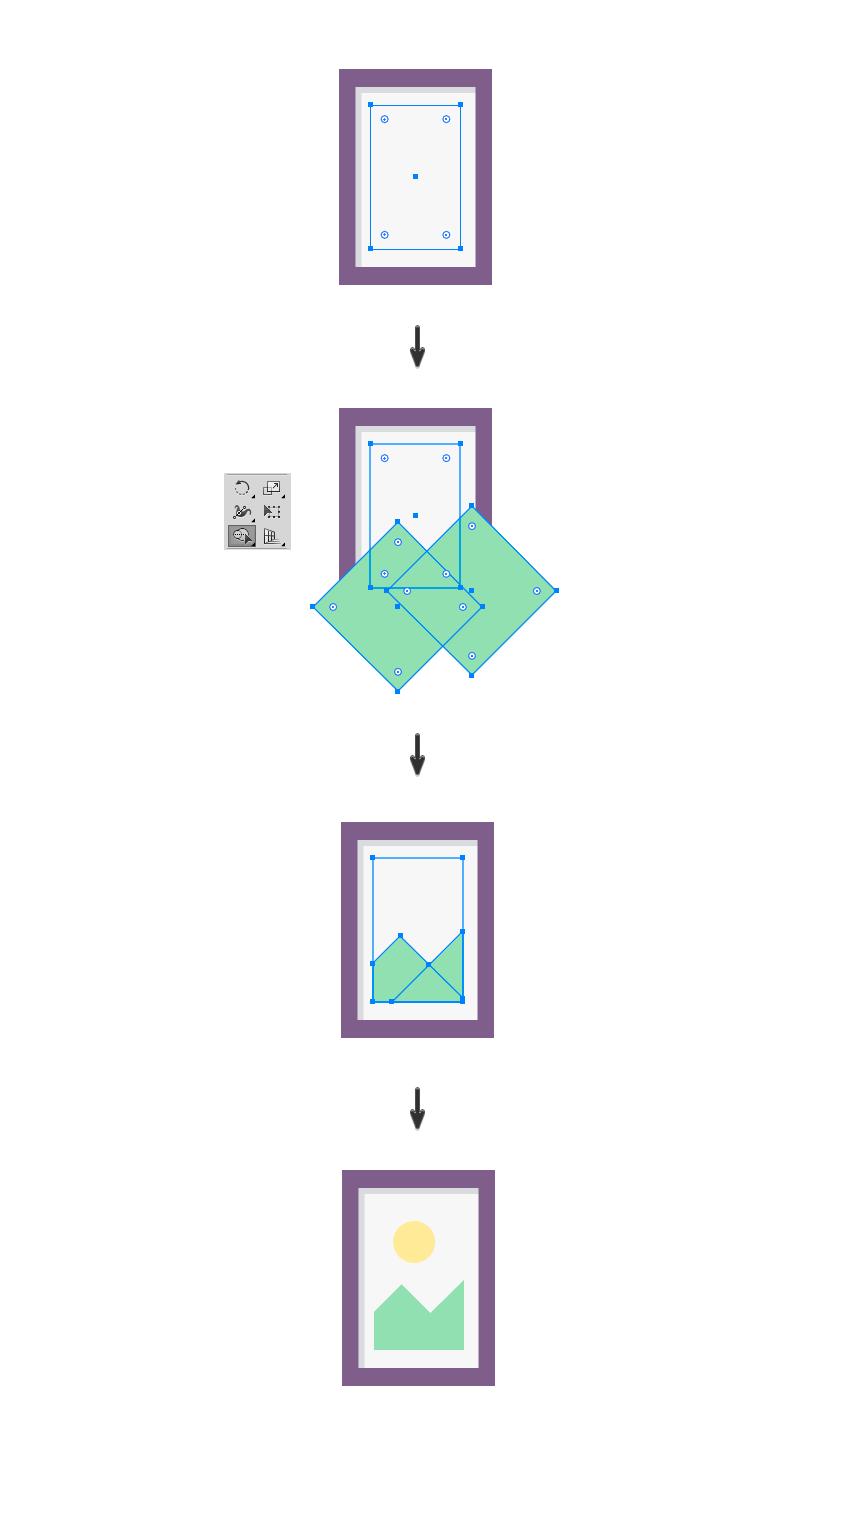 如何在Adobe Illustrator中创造扁平化置物架插图 教程-第16张